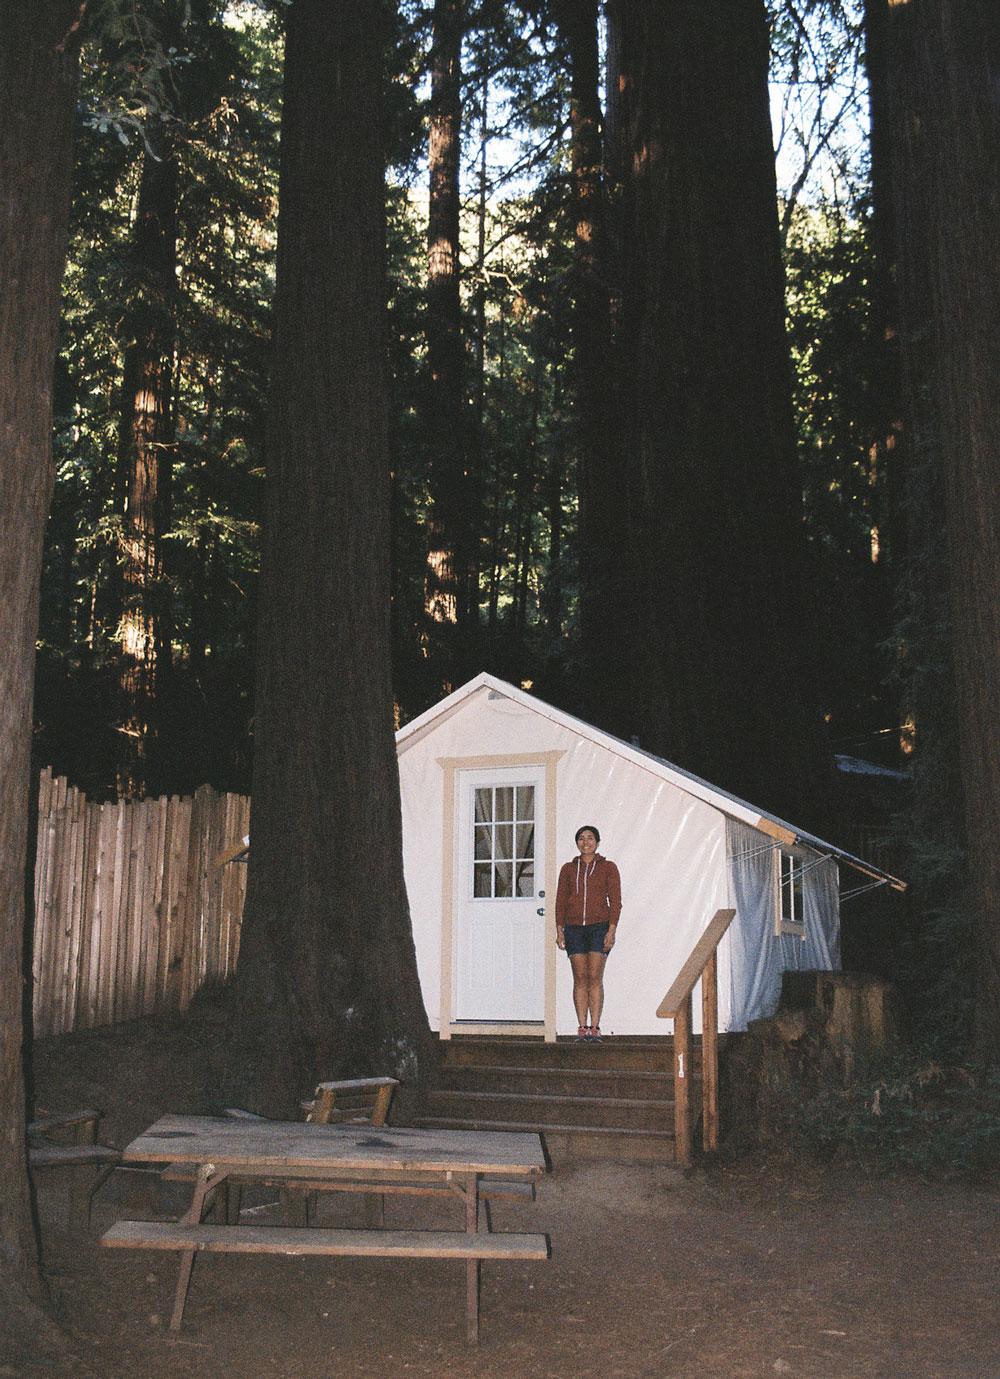 fernwood-kaytent01-web.jpg